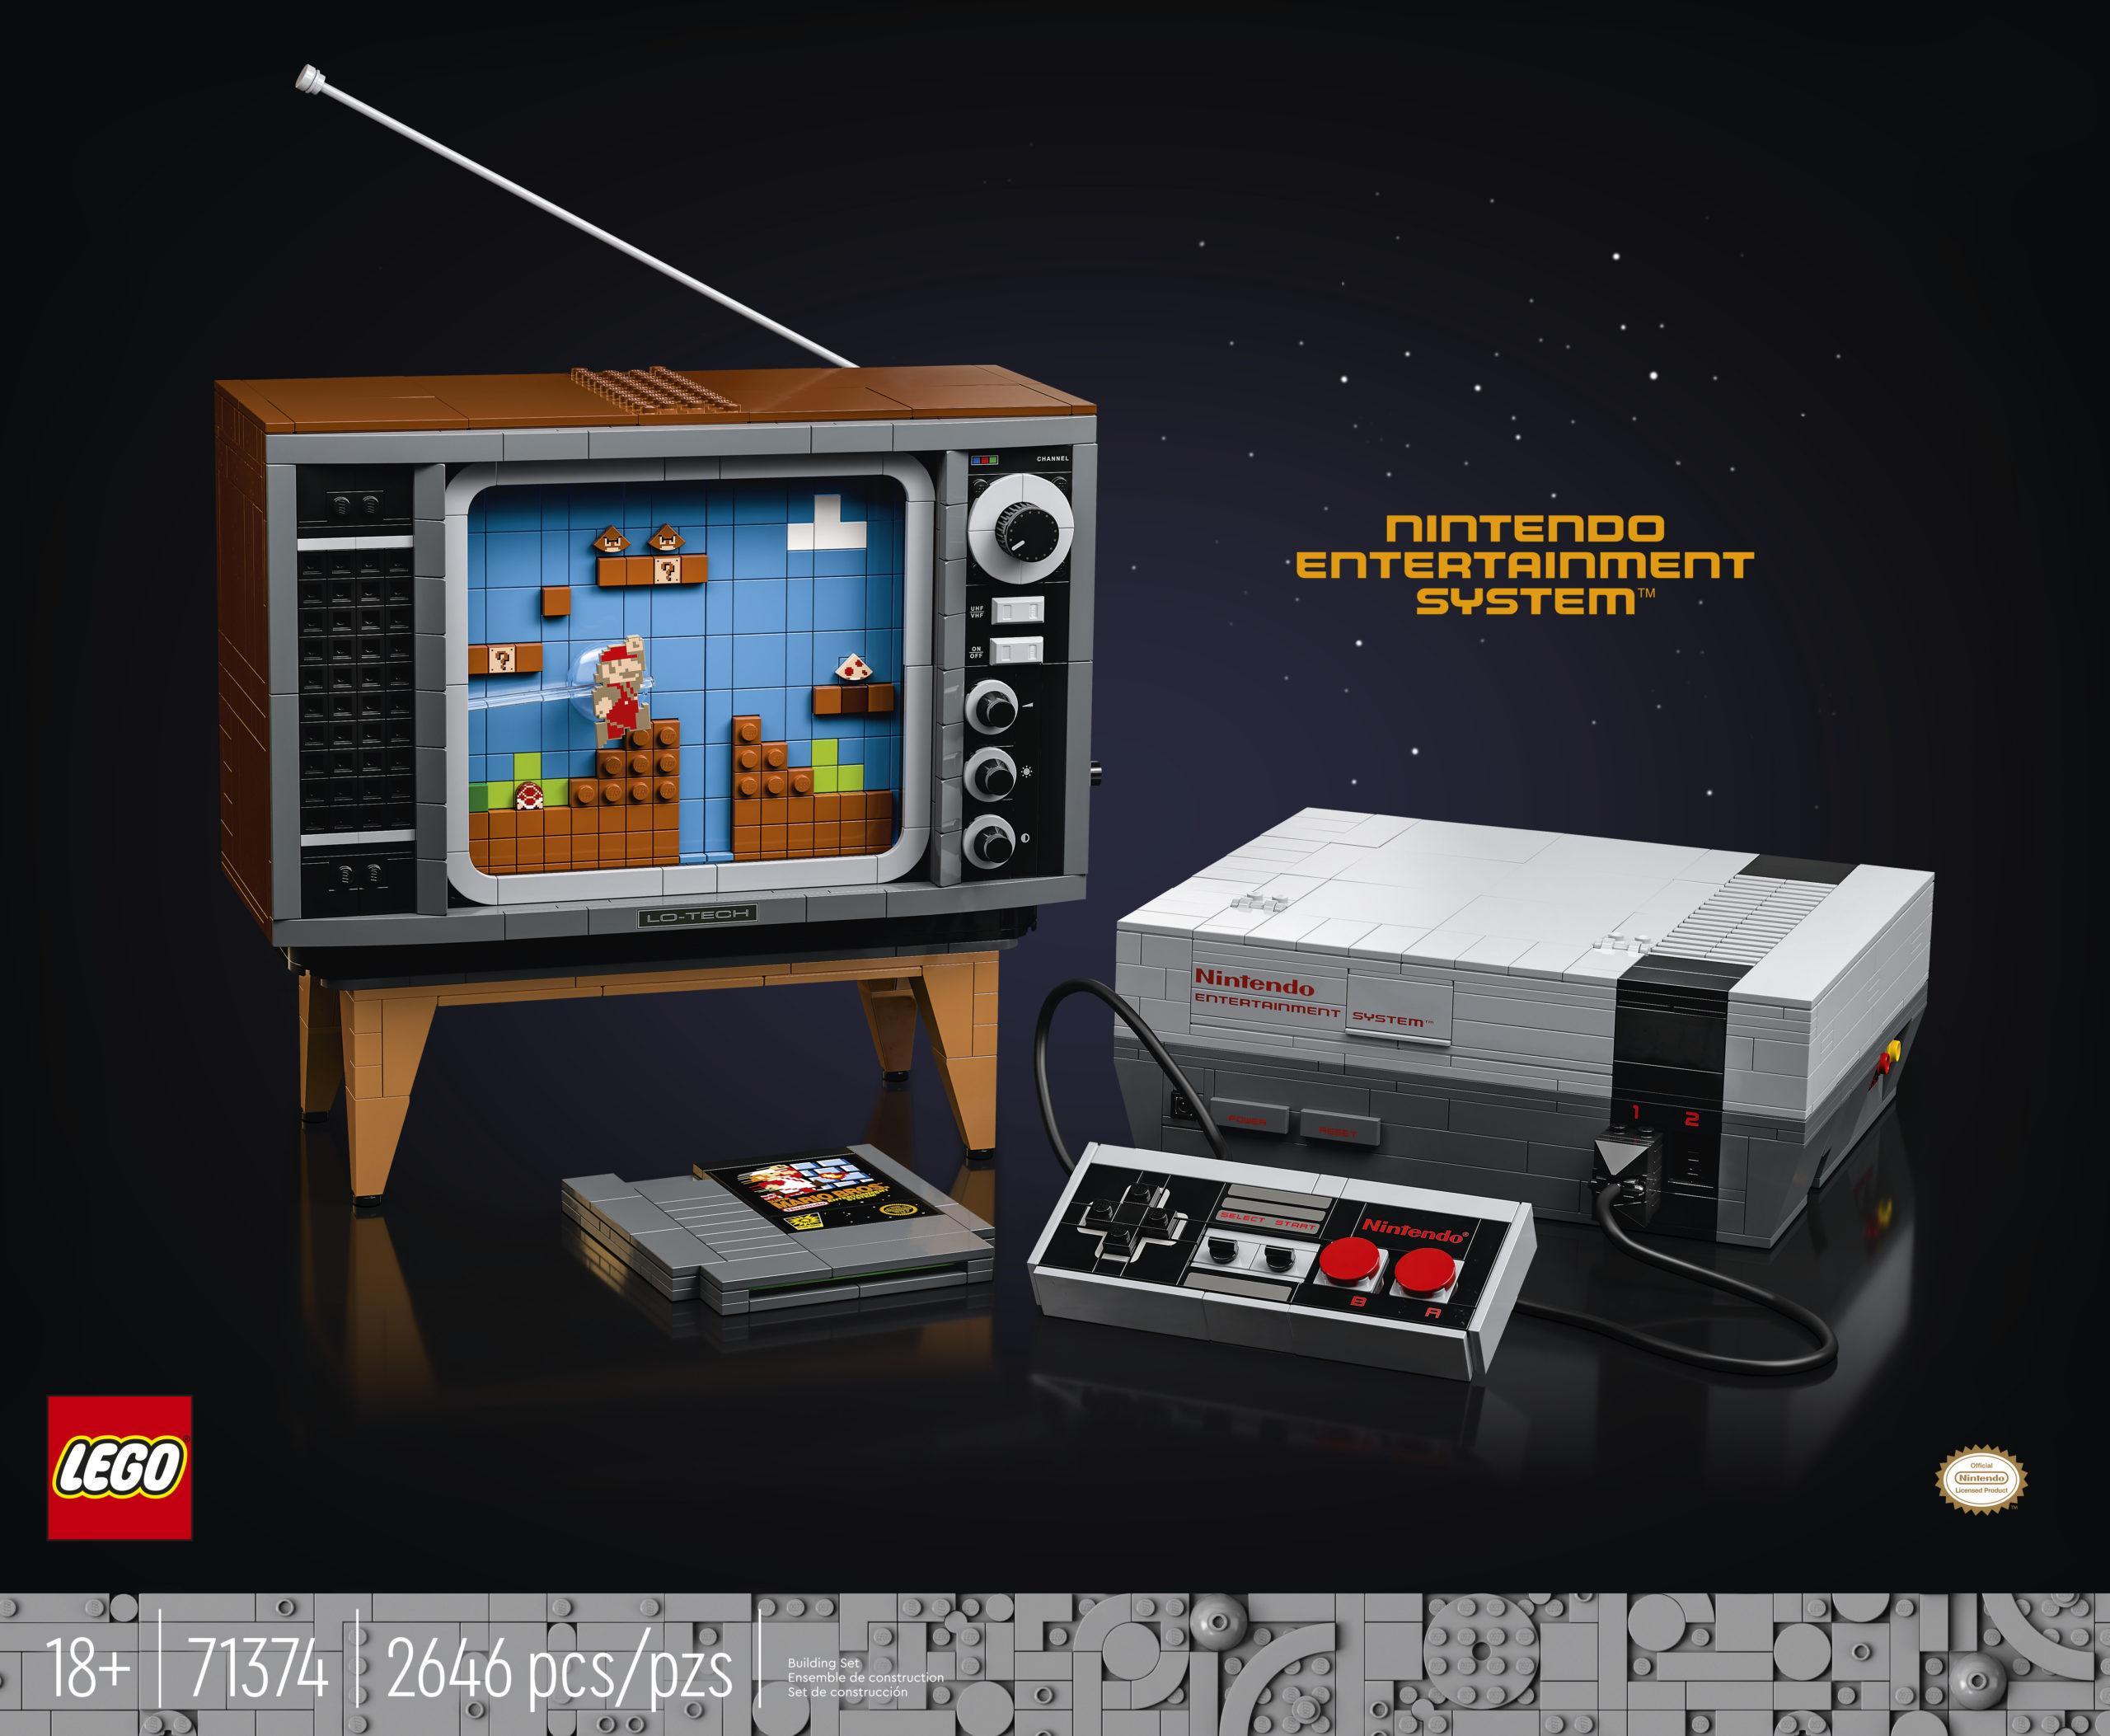 Назад в будущее - анонс игровой консоли Nintendo Entertainment System и ретро-телевизор из кубиков LEGO 101